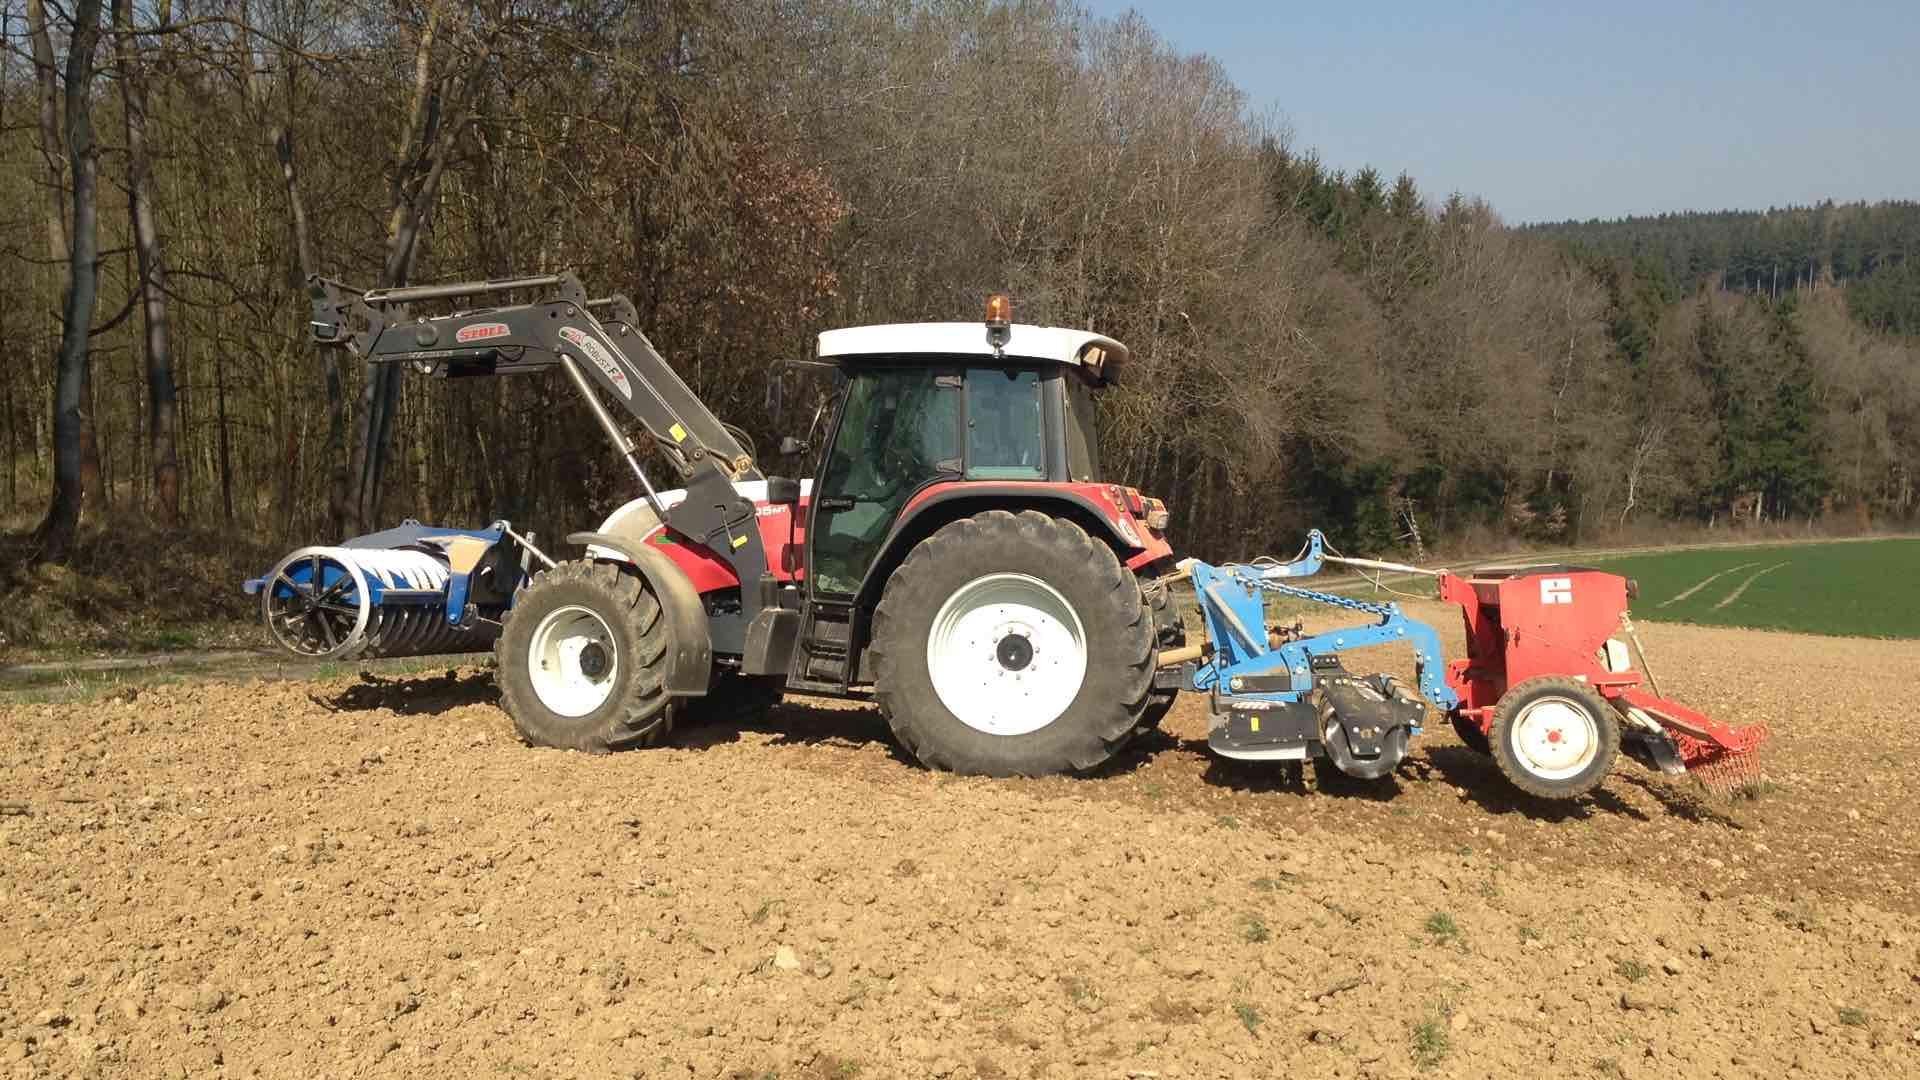 Traktor mit Sähmaschine auf dem Feld